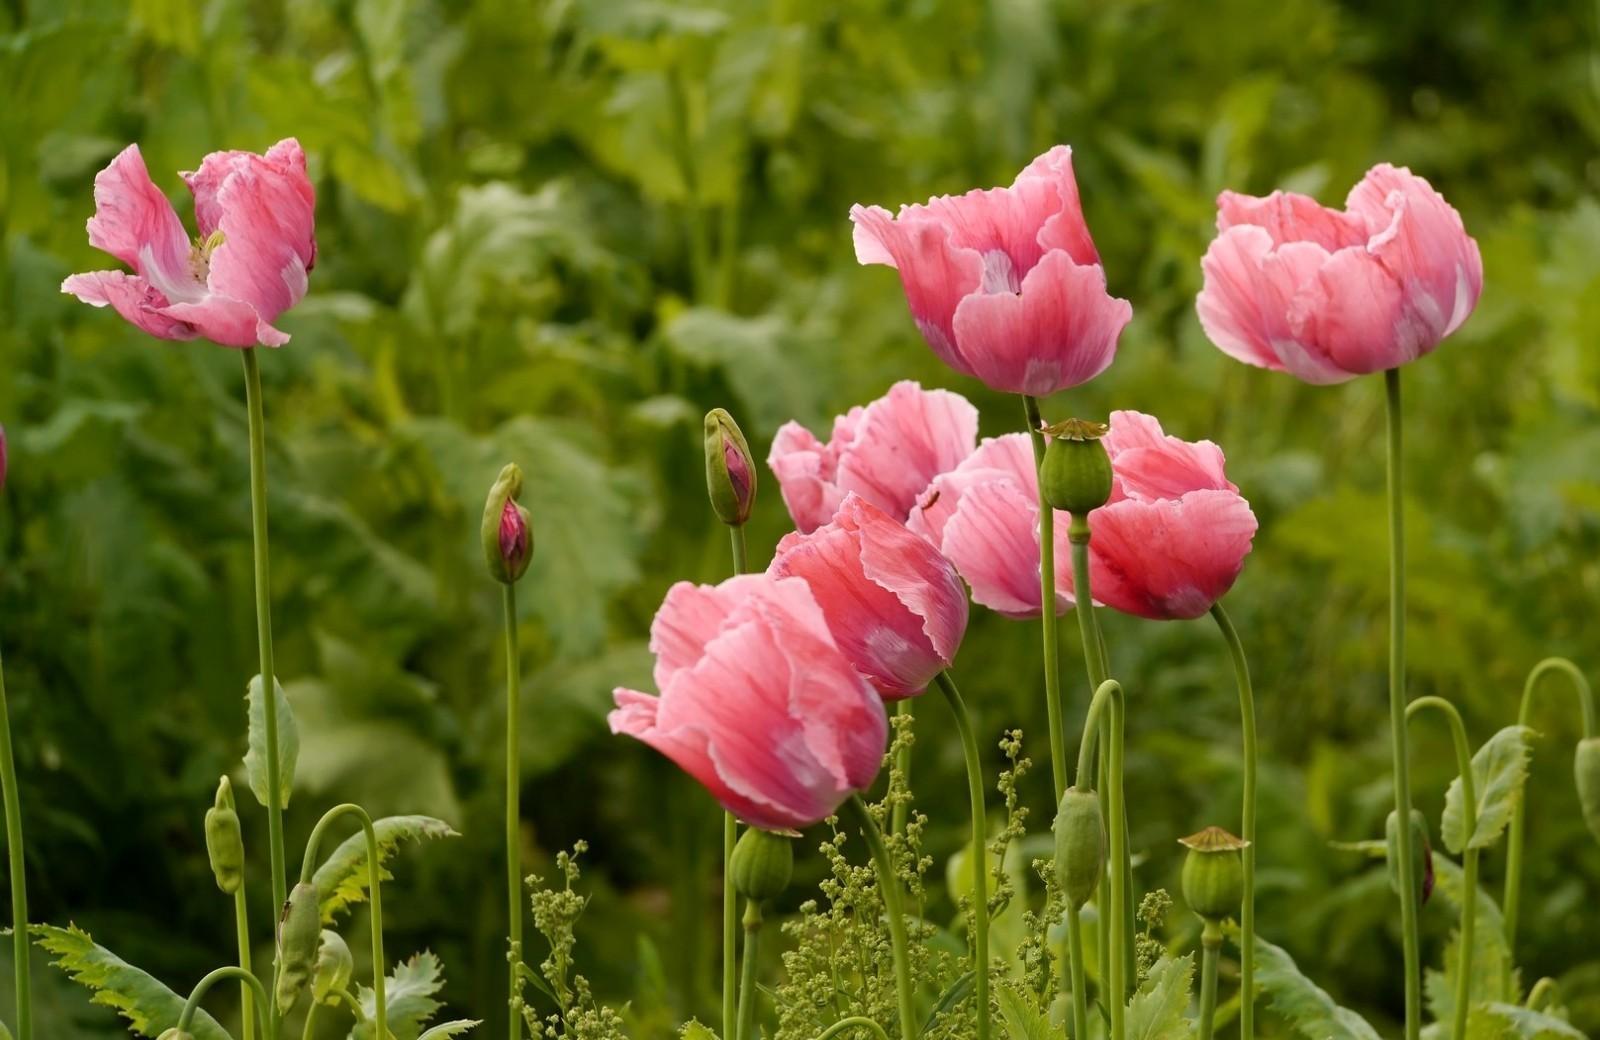 135380 скачать обои Цветы, Маки, Розовые, Лето, Зелень - заставки и картинки бесплатно